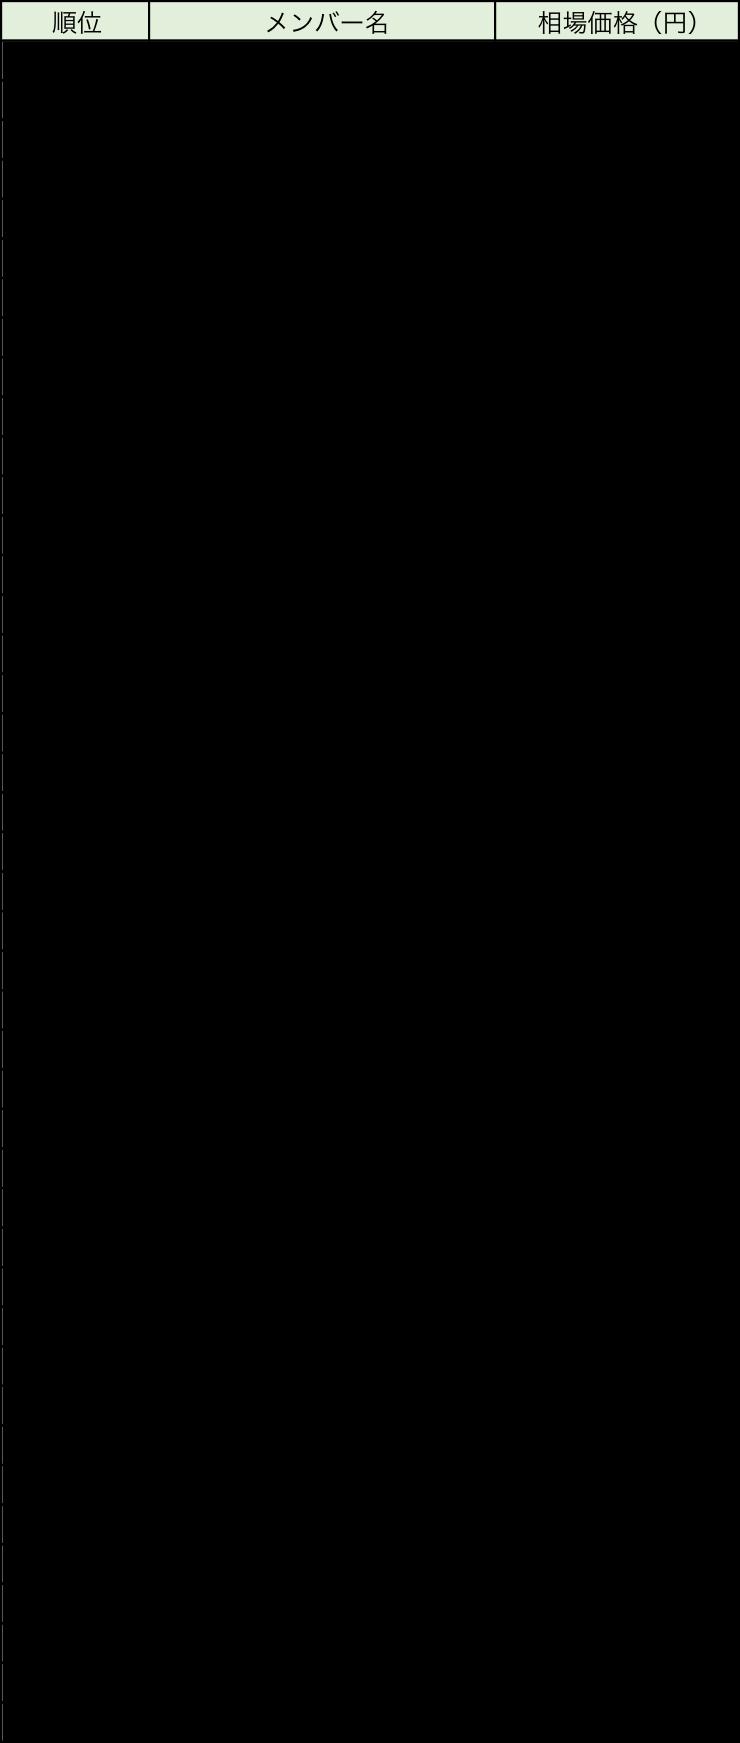 乃木坂生写真レート